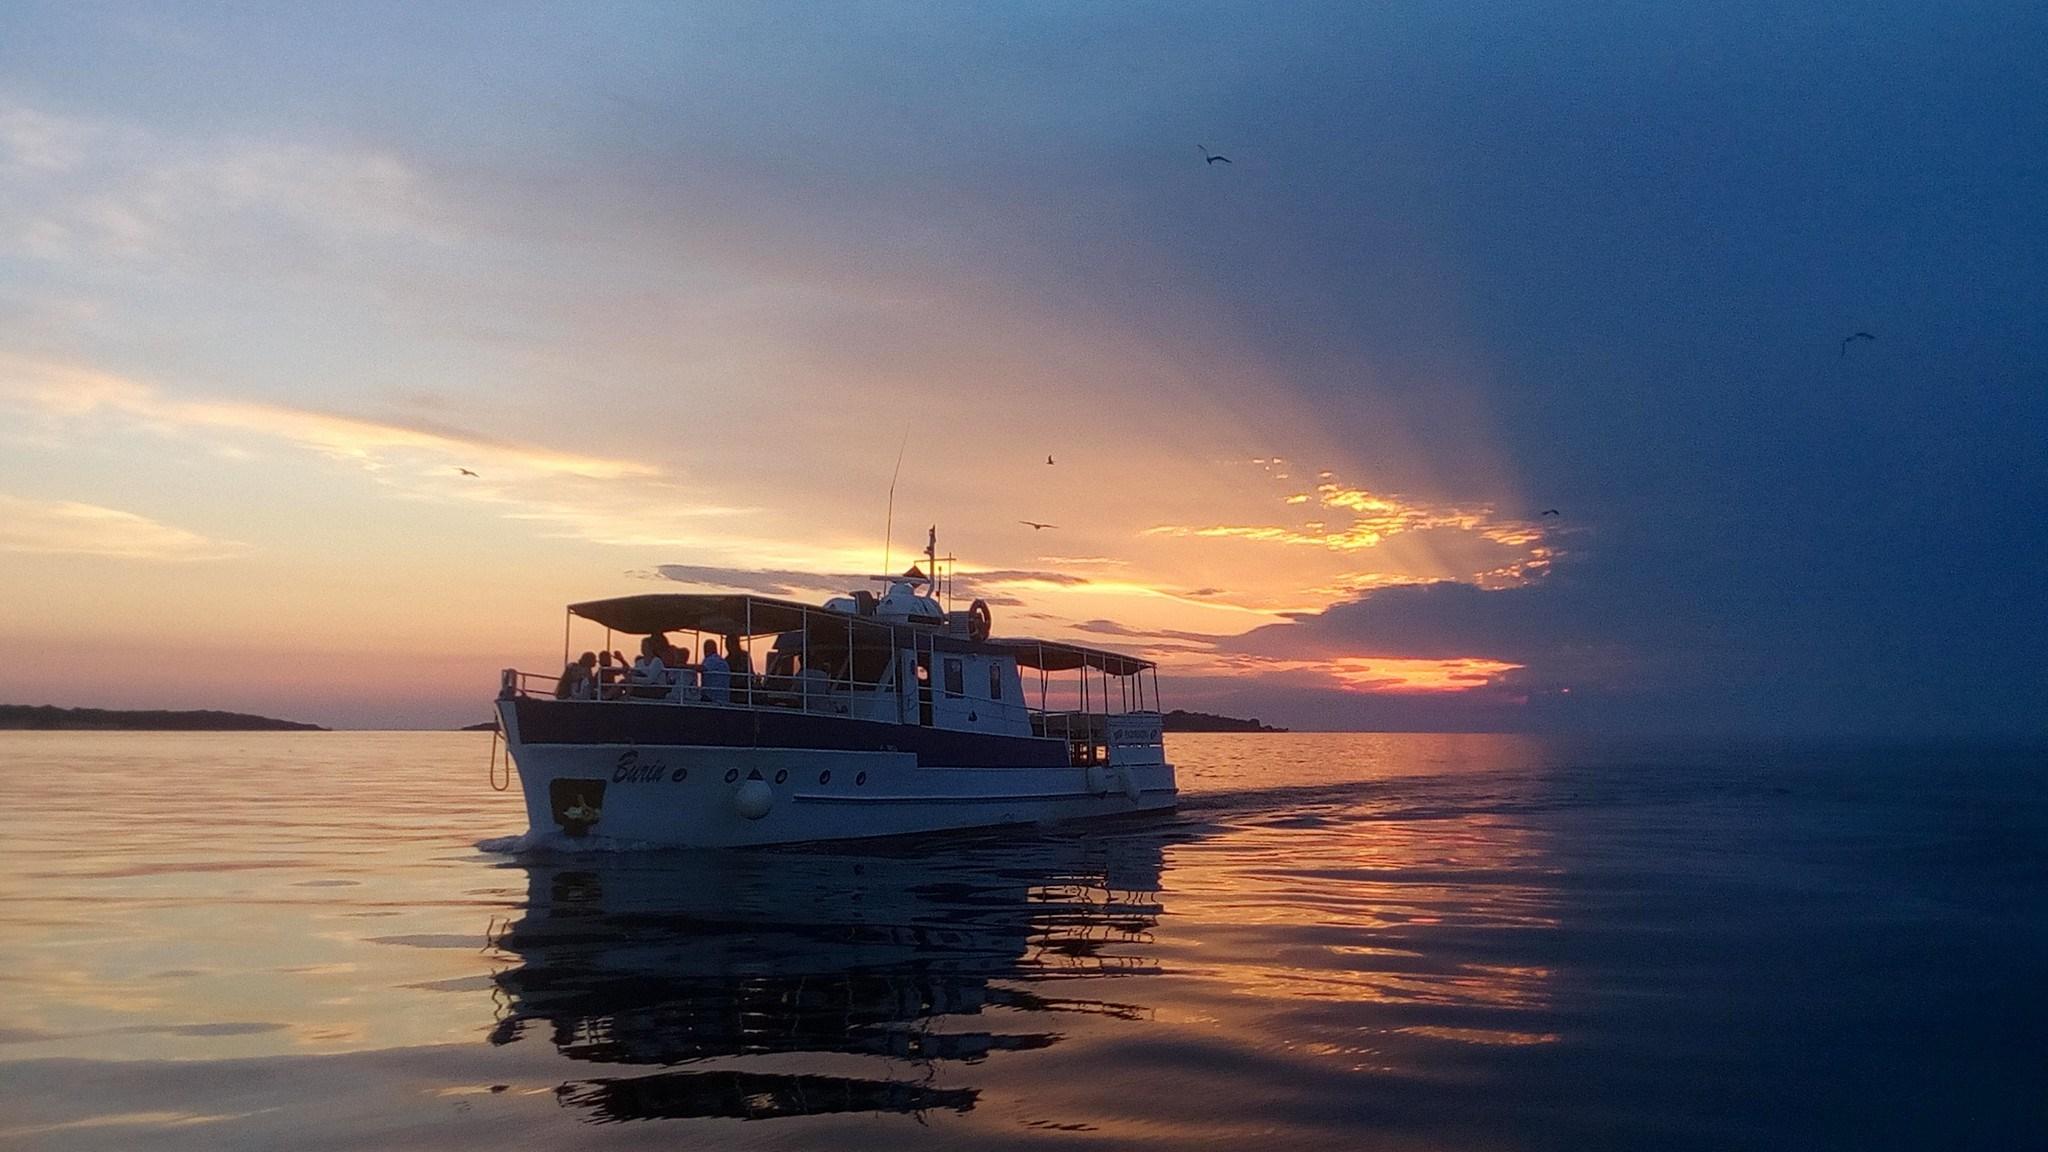 Ekskurzije Antonio Pula - Izleti brodom